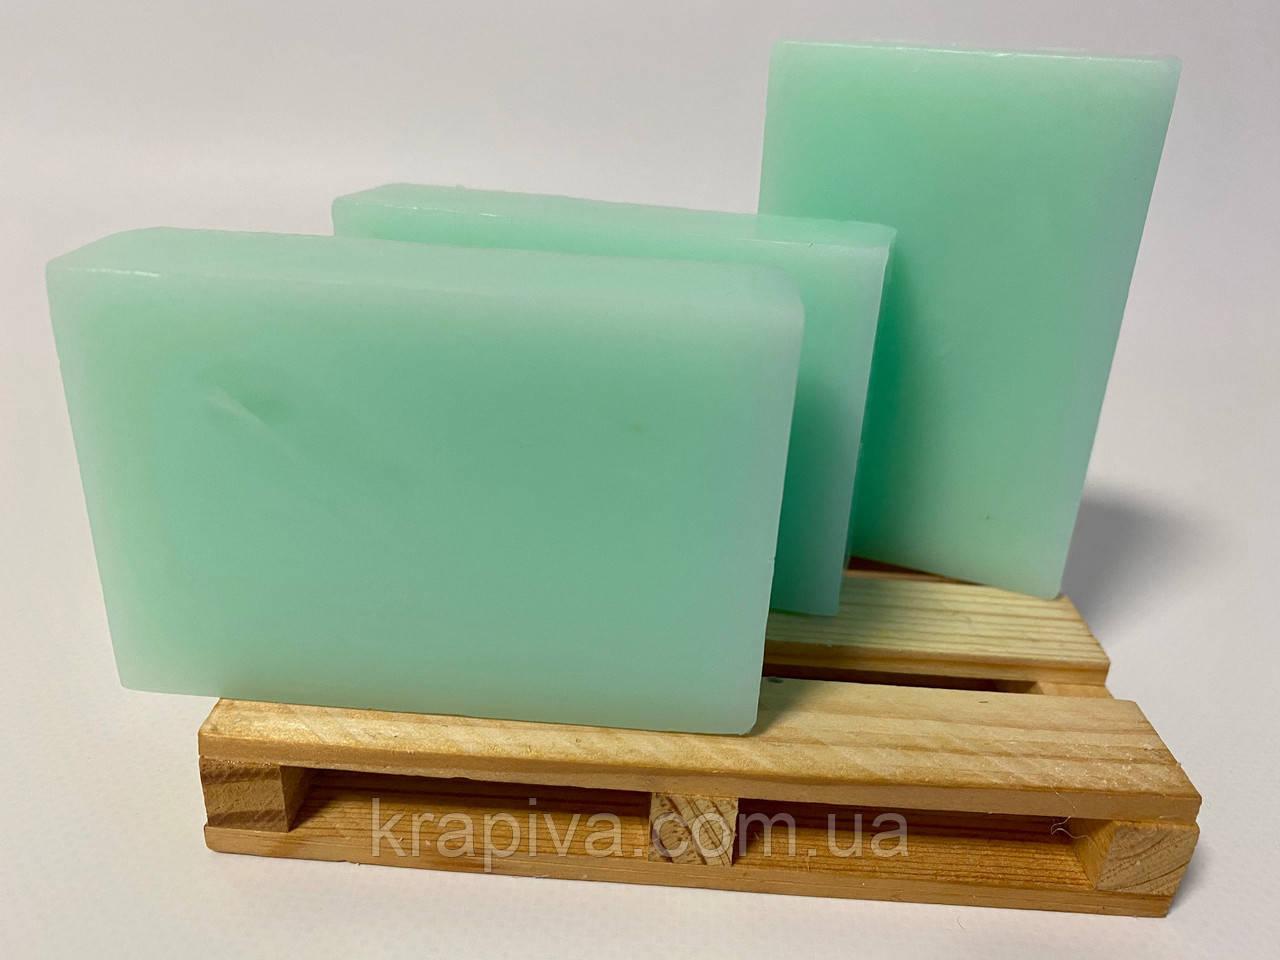 Натуральное мыло ручной работы Алое и Зеленая глина 100, натуральне мило ручної роботи Алоє і Зелена глина